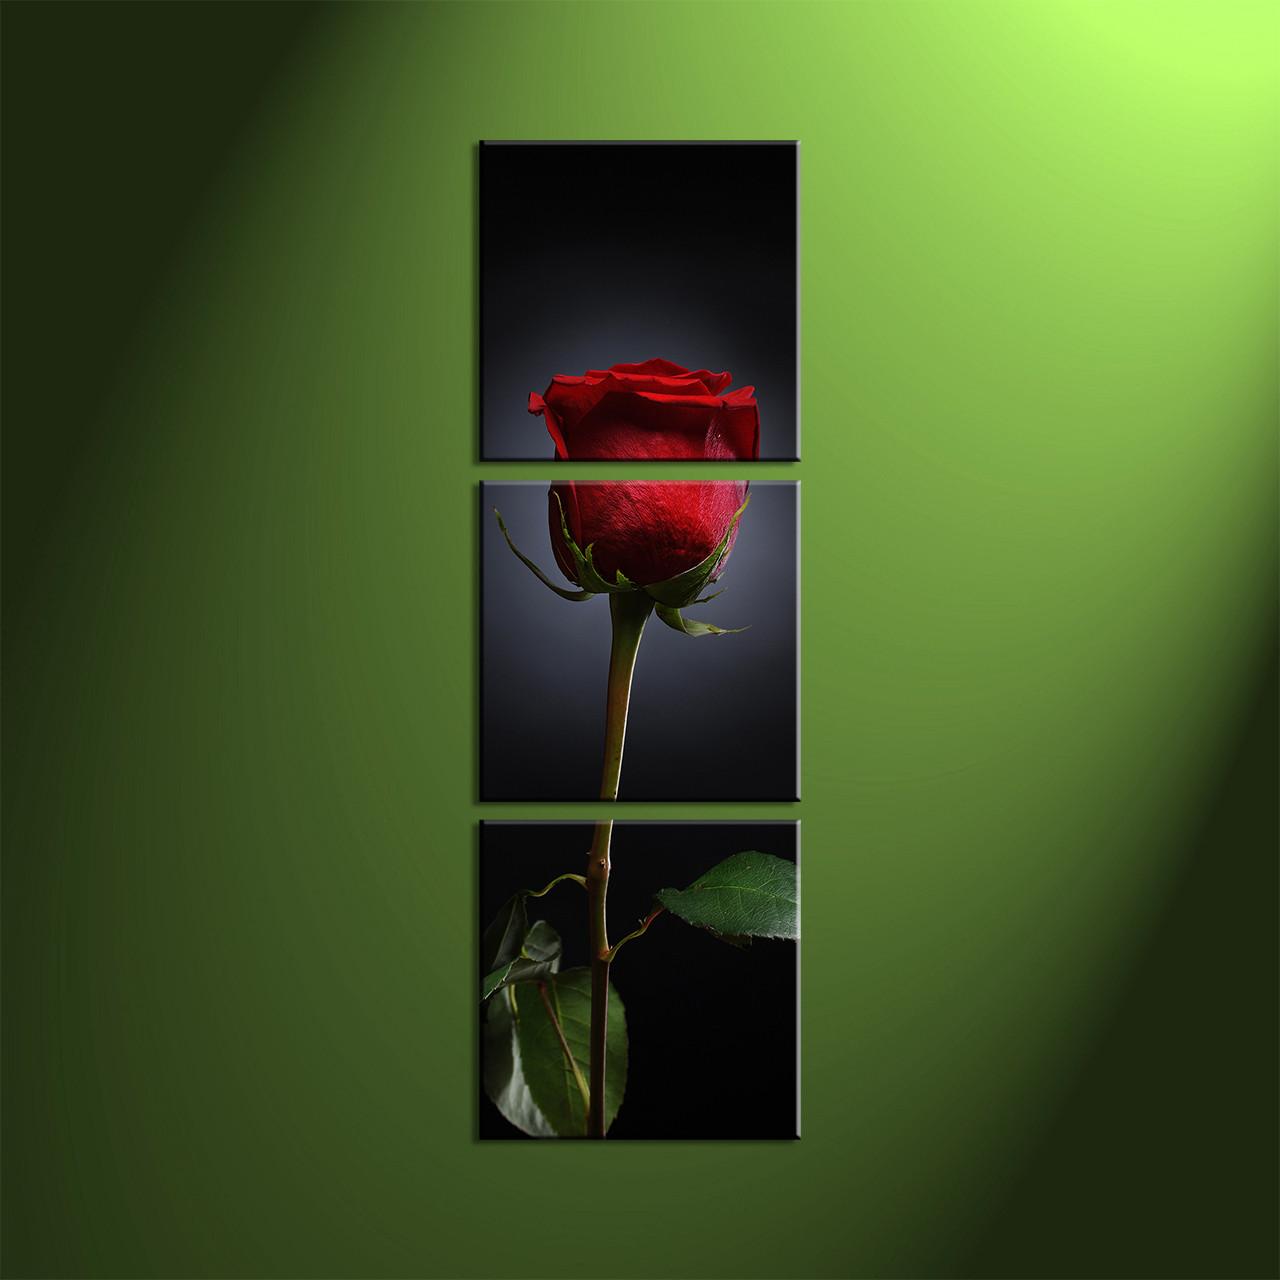 Home art 3 Piece Canvas Wall Art 3 piece wall art flower huge & Triptych Red Rose Flower Black Canvas Wall Art